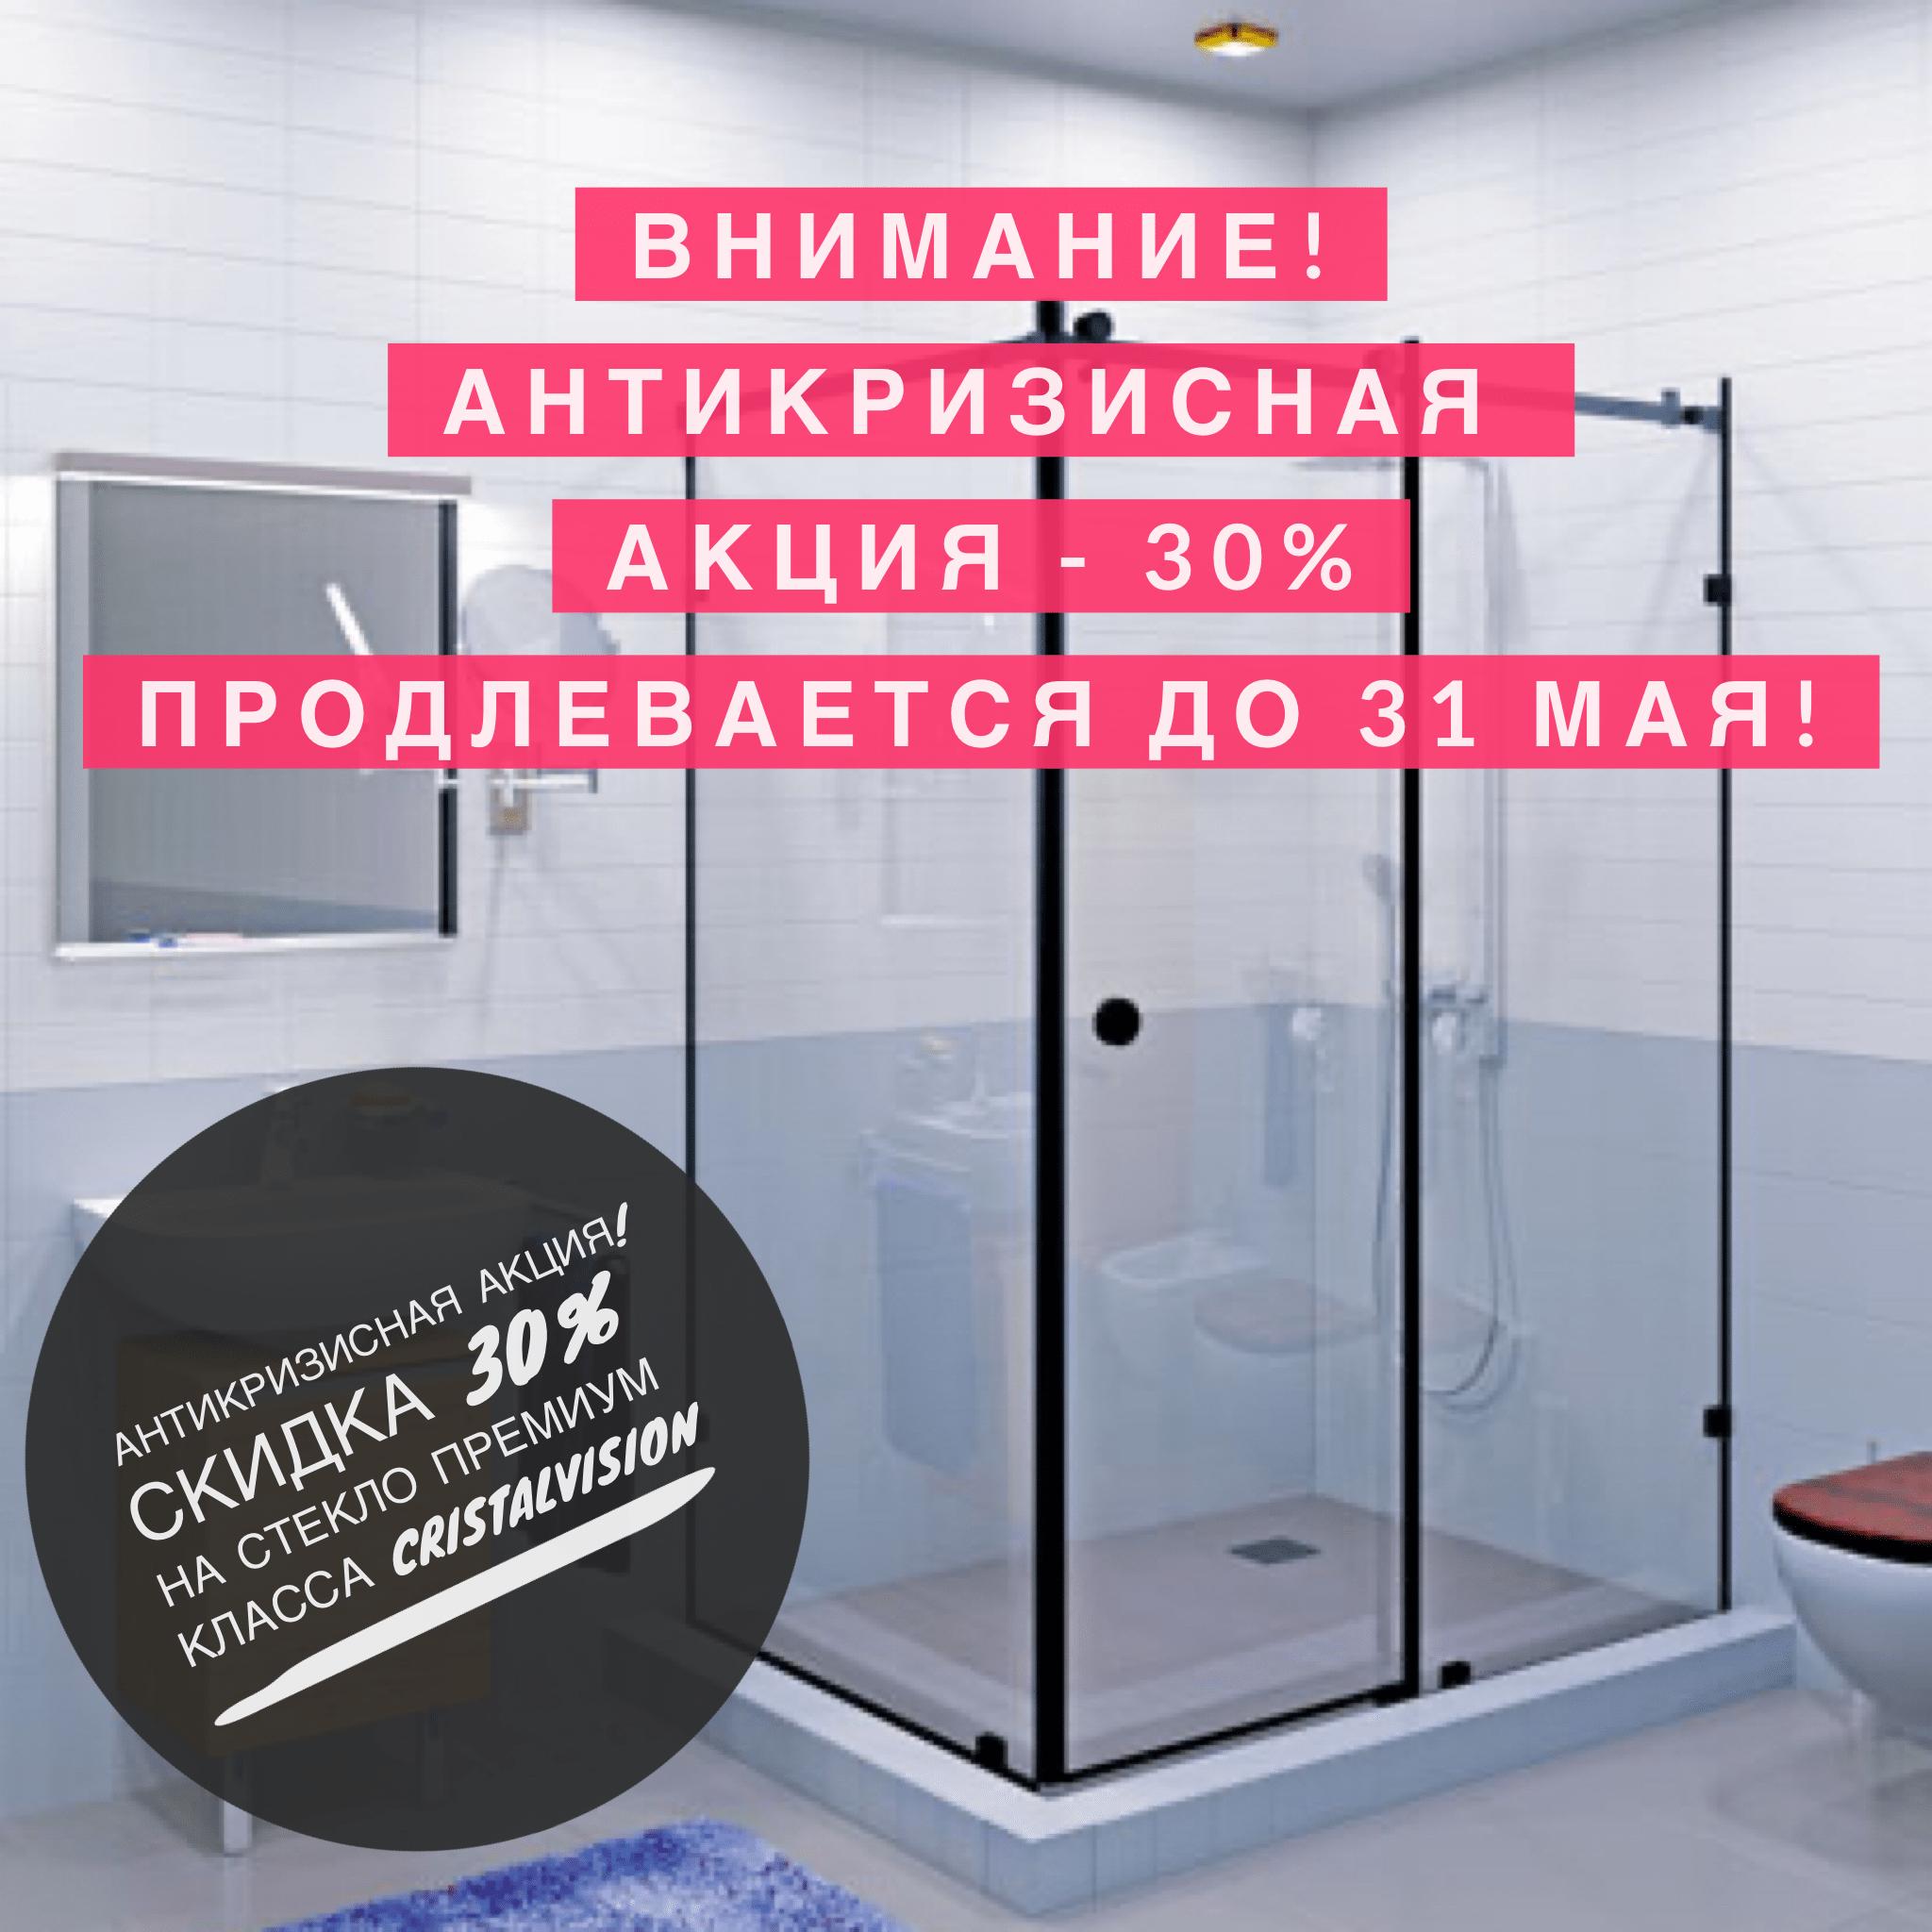 АНТИКРИЗИСНАЯ АКЦИЯ -30%!